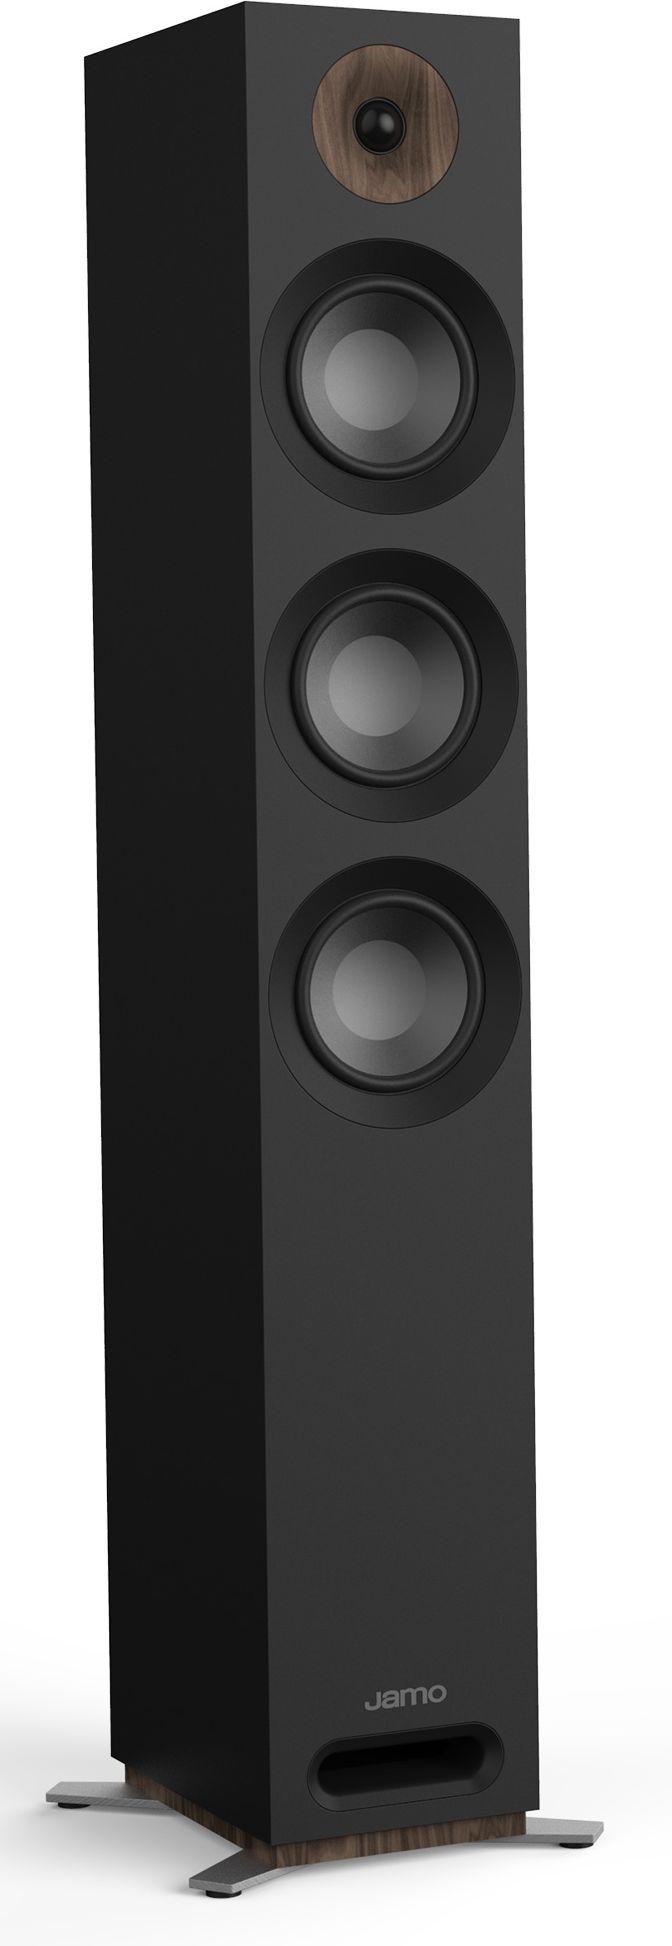 Jamo® S 809 Floorstanding Speaker-Black-1064325 | Sound Concepts